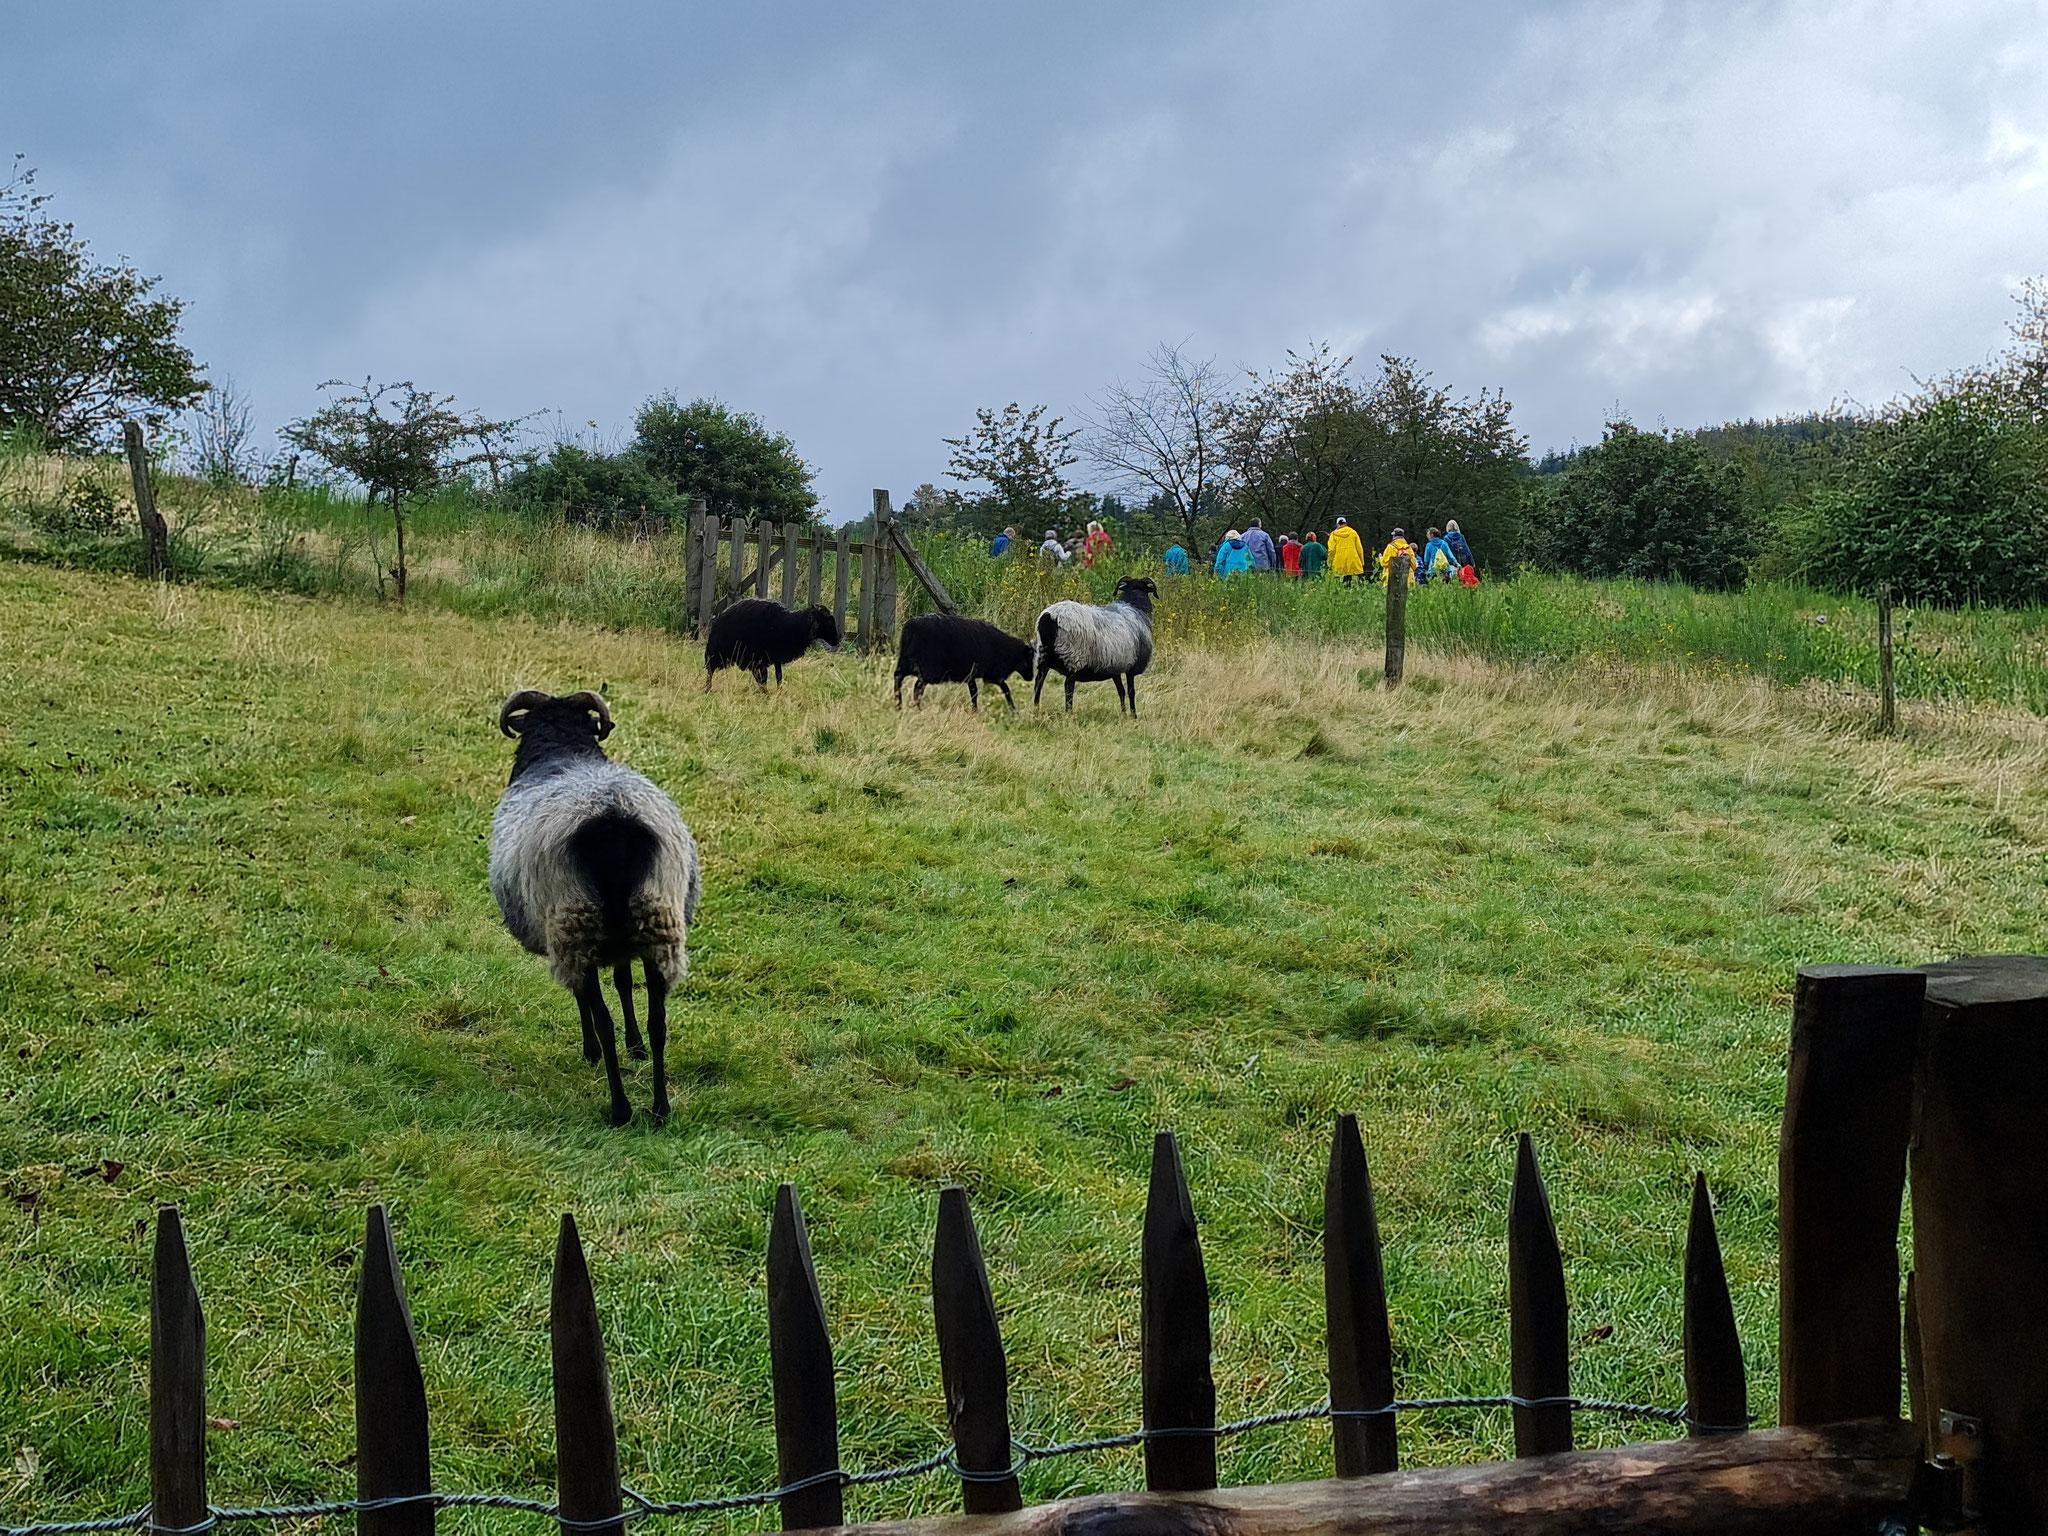 Unsere Schafe wollte am liebsten mit auf die Exkursion